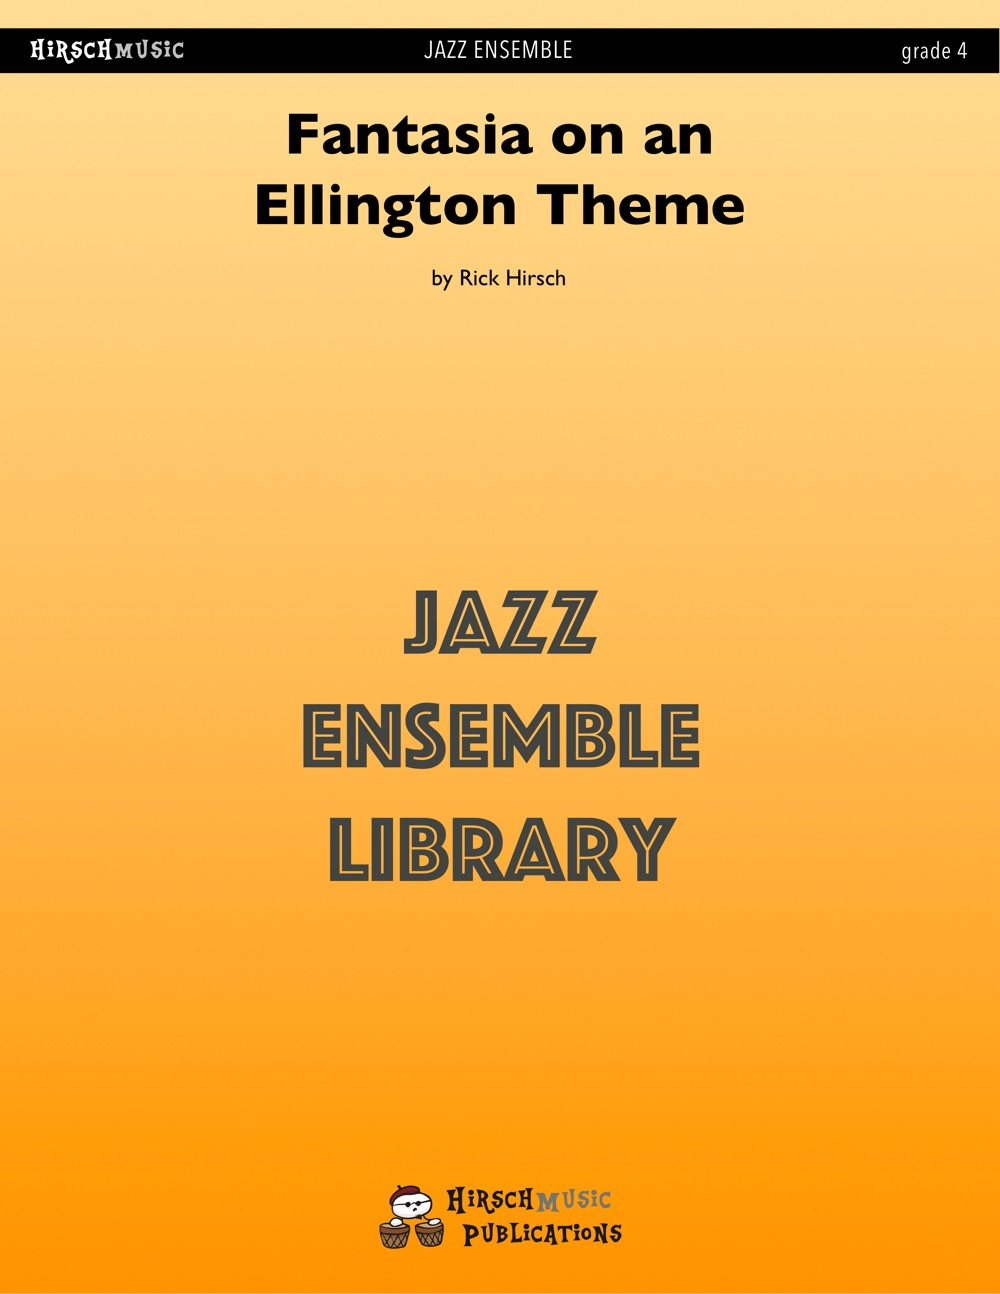 Fantasia on an Ellington Theme (Jazz Ensemble - Score and Parts)